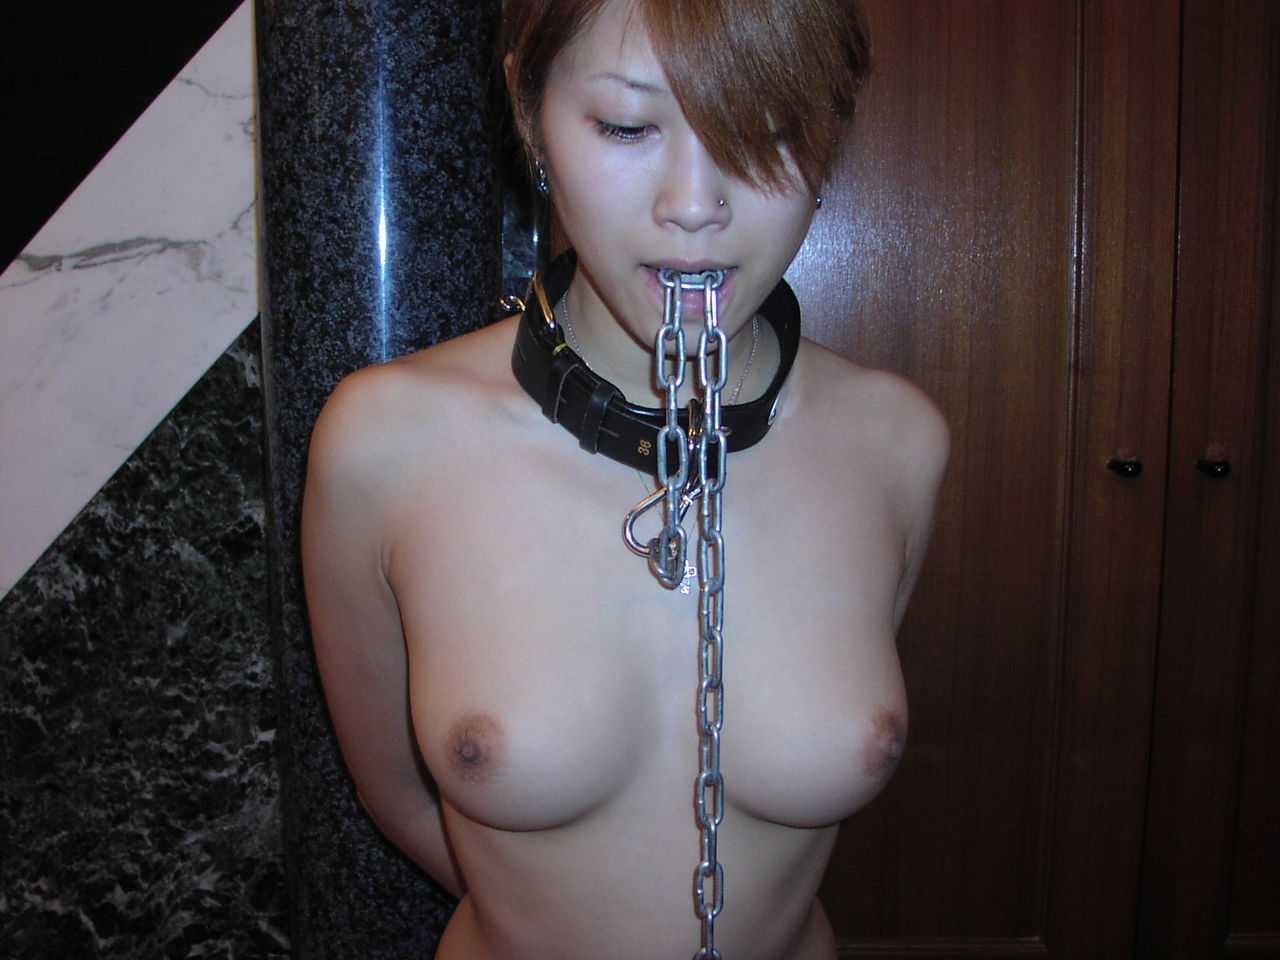 拘束された女 (16)